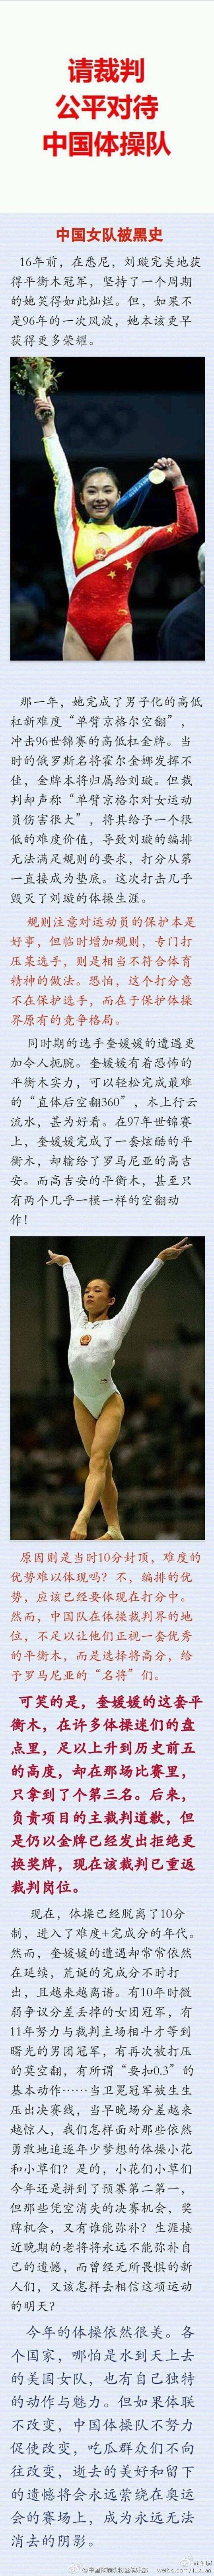 刘璇微博晒出的图片